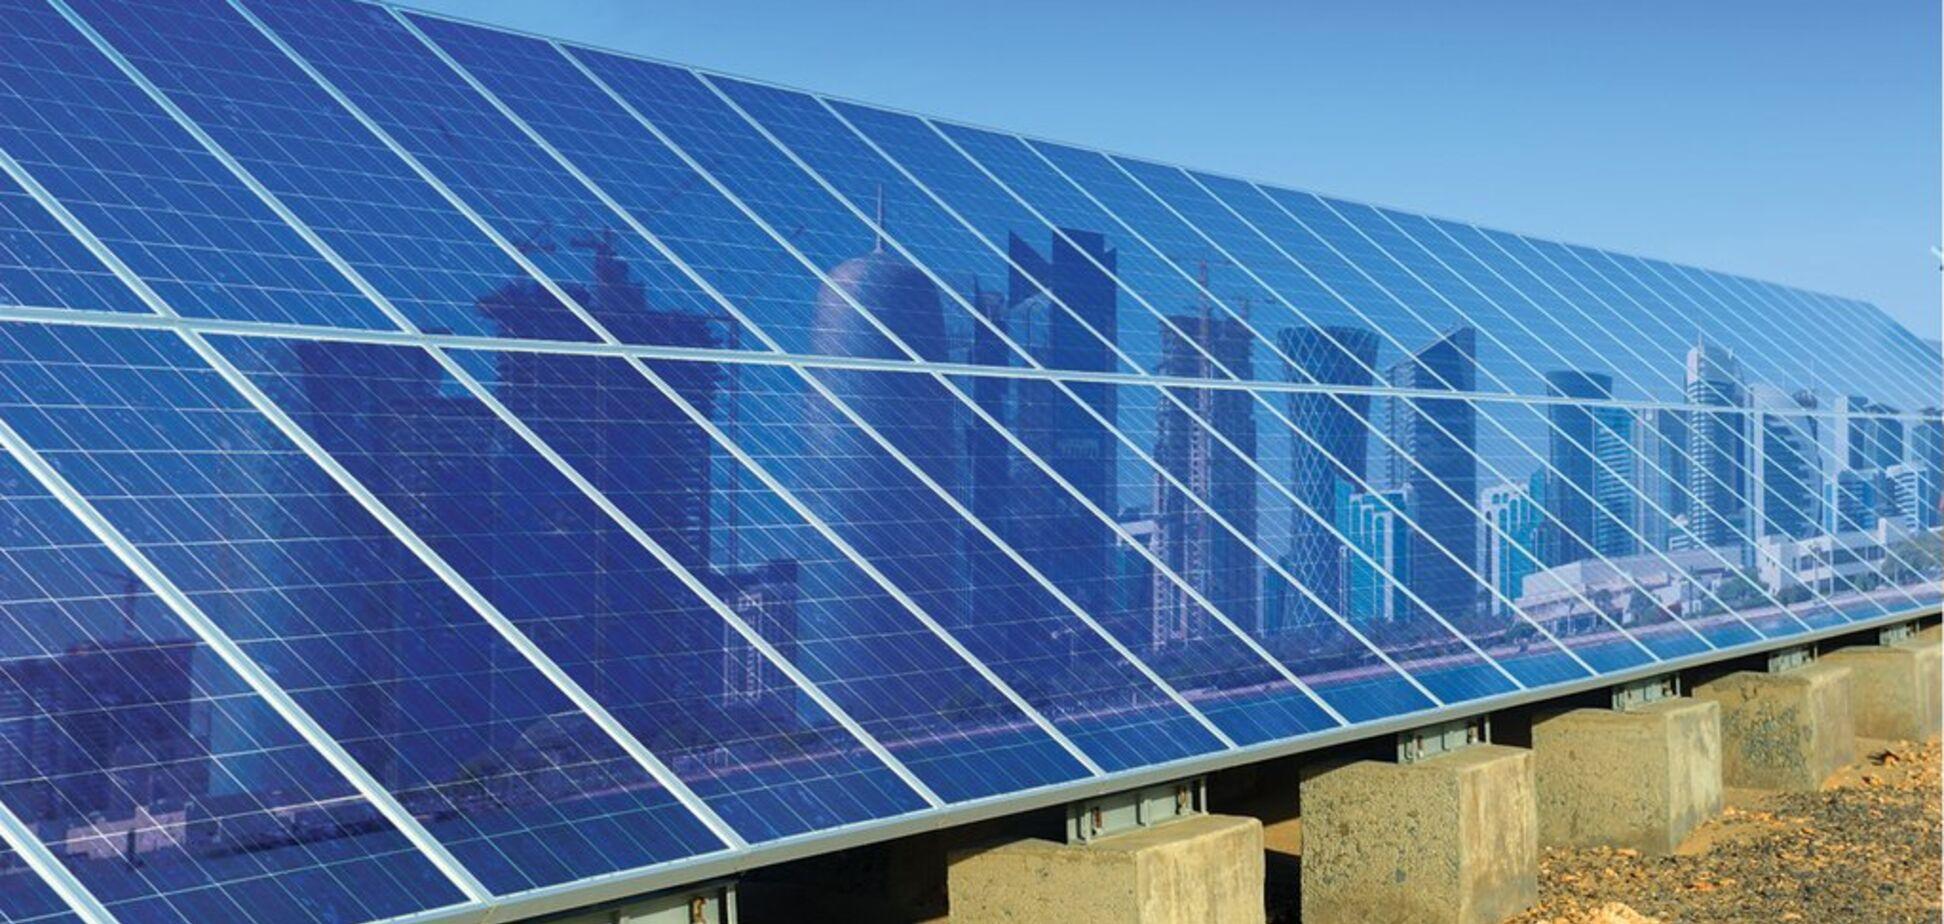 Енергія сонця: в Катарі встановили світовий рекорд ціни на світло